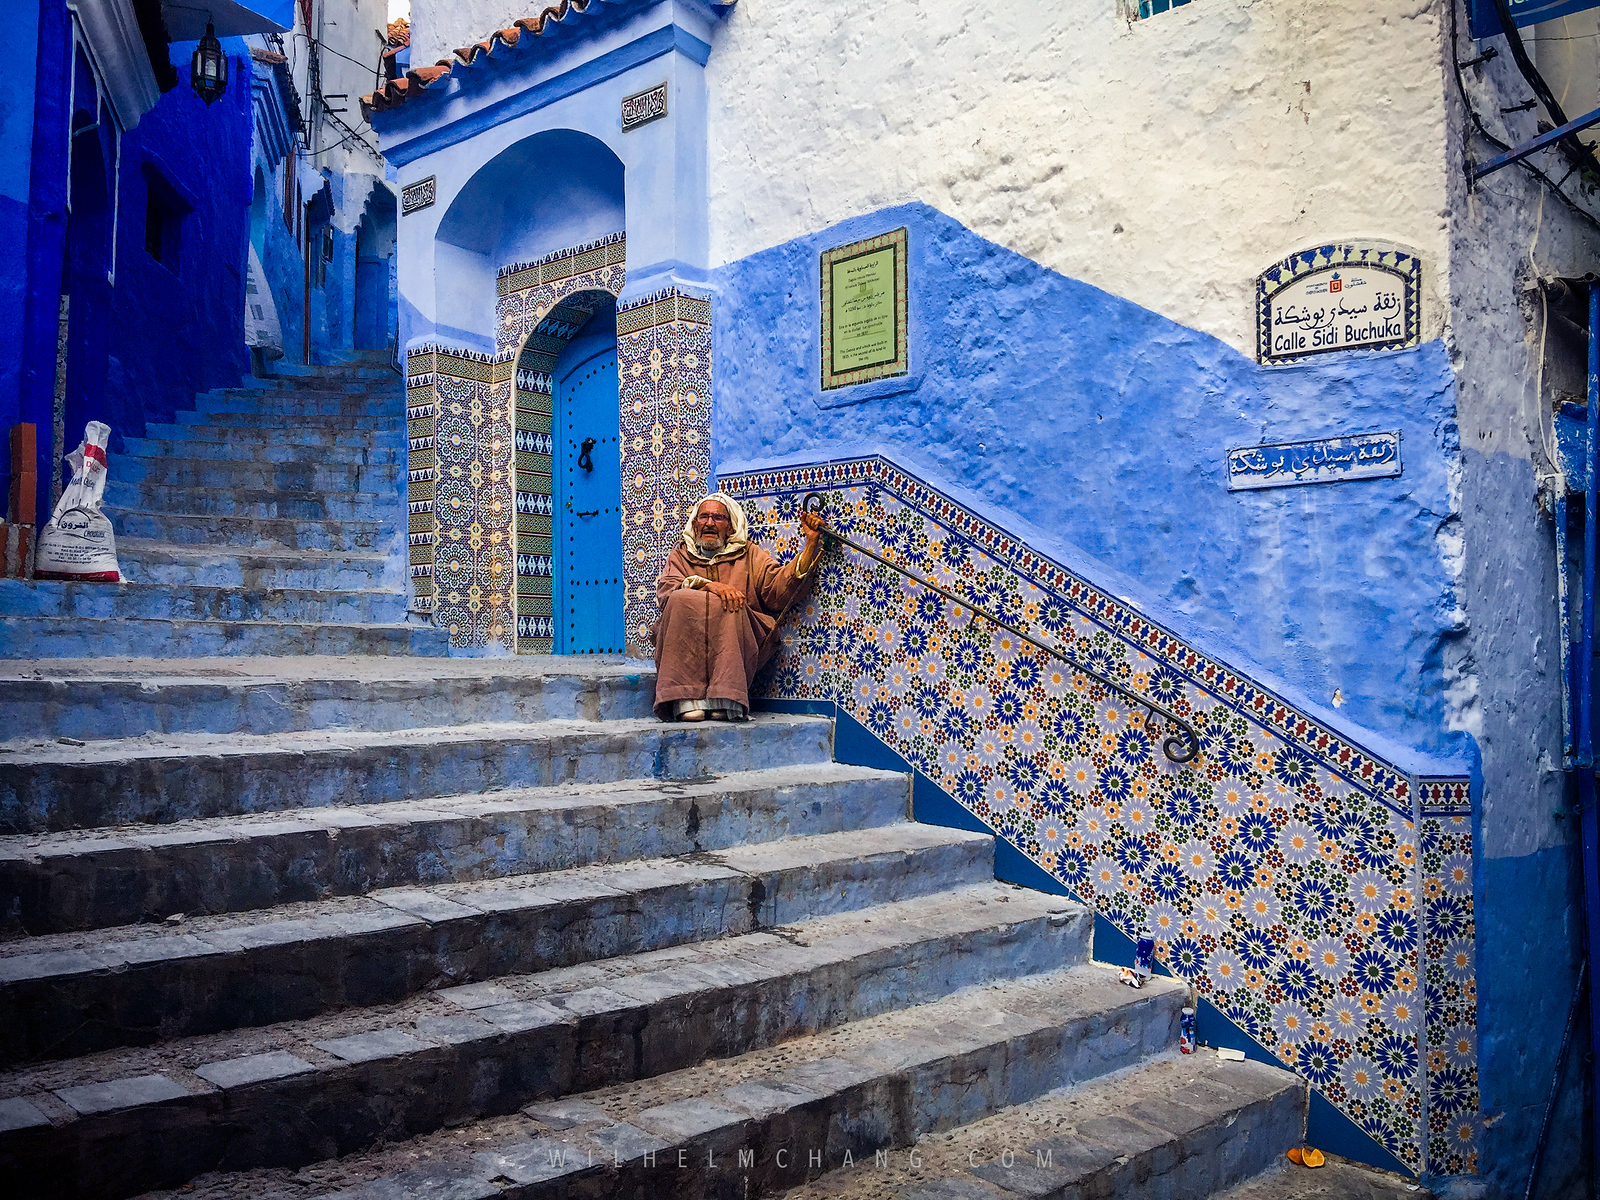 北非調色盤 摩洛哥 Instagram聖地 藍城舍夫沙萬 Chefchaouen by Wilhelm Chang 張威廉